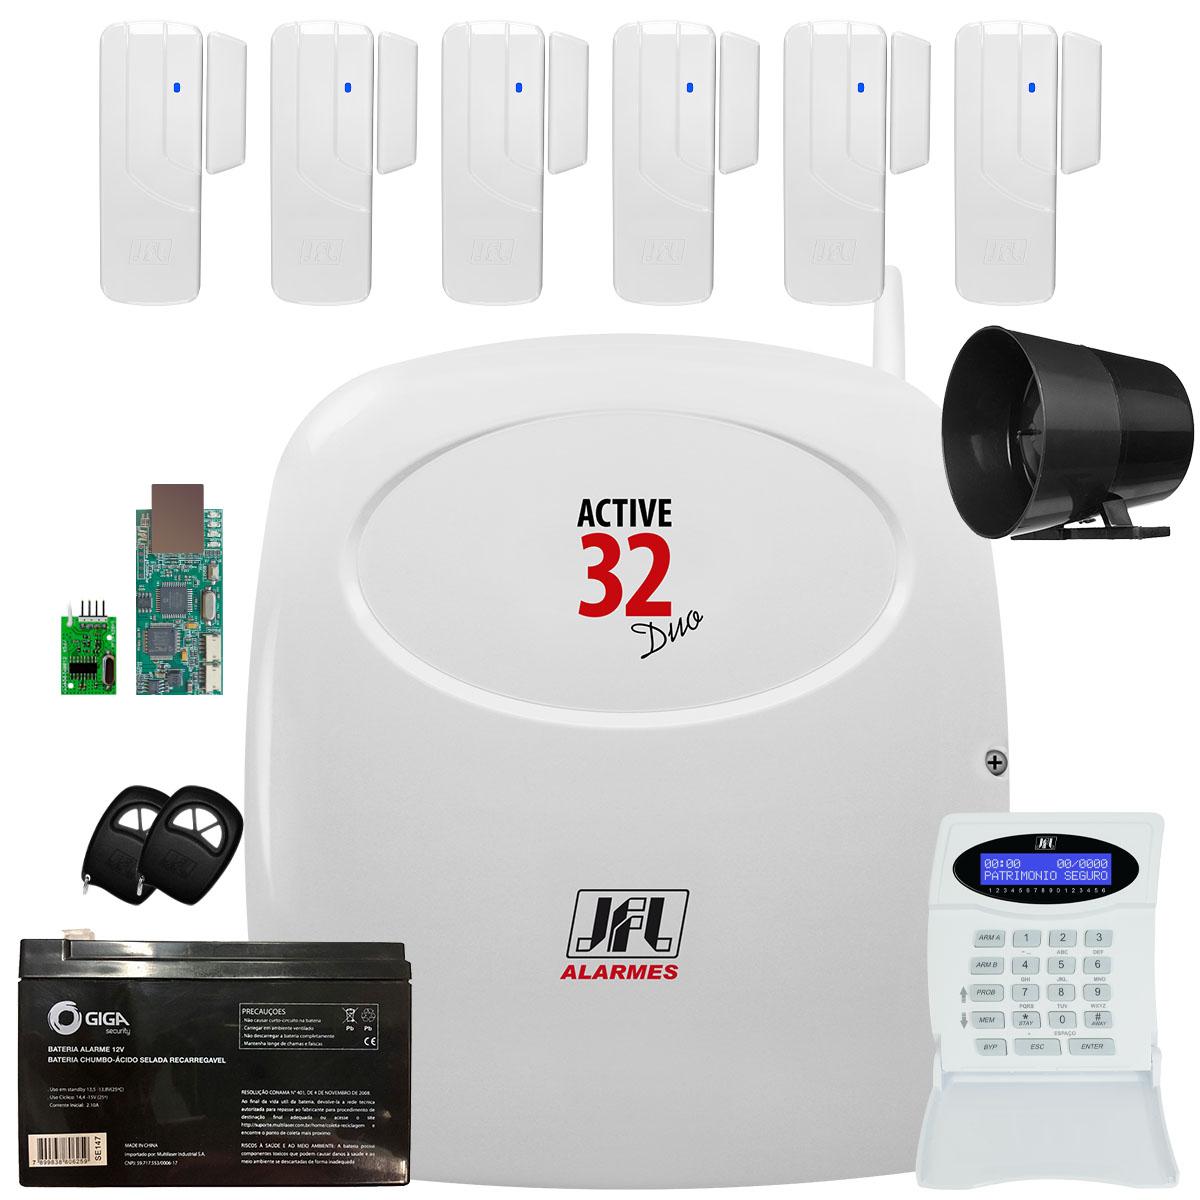 Kit Alarme Active 32 Duo Jfl Com 6 Sensores Sl 220 Duo